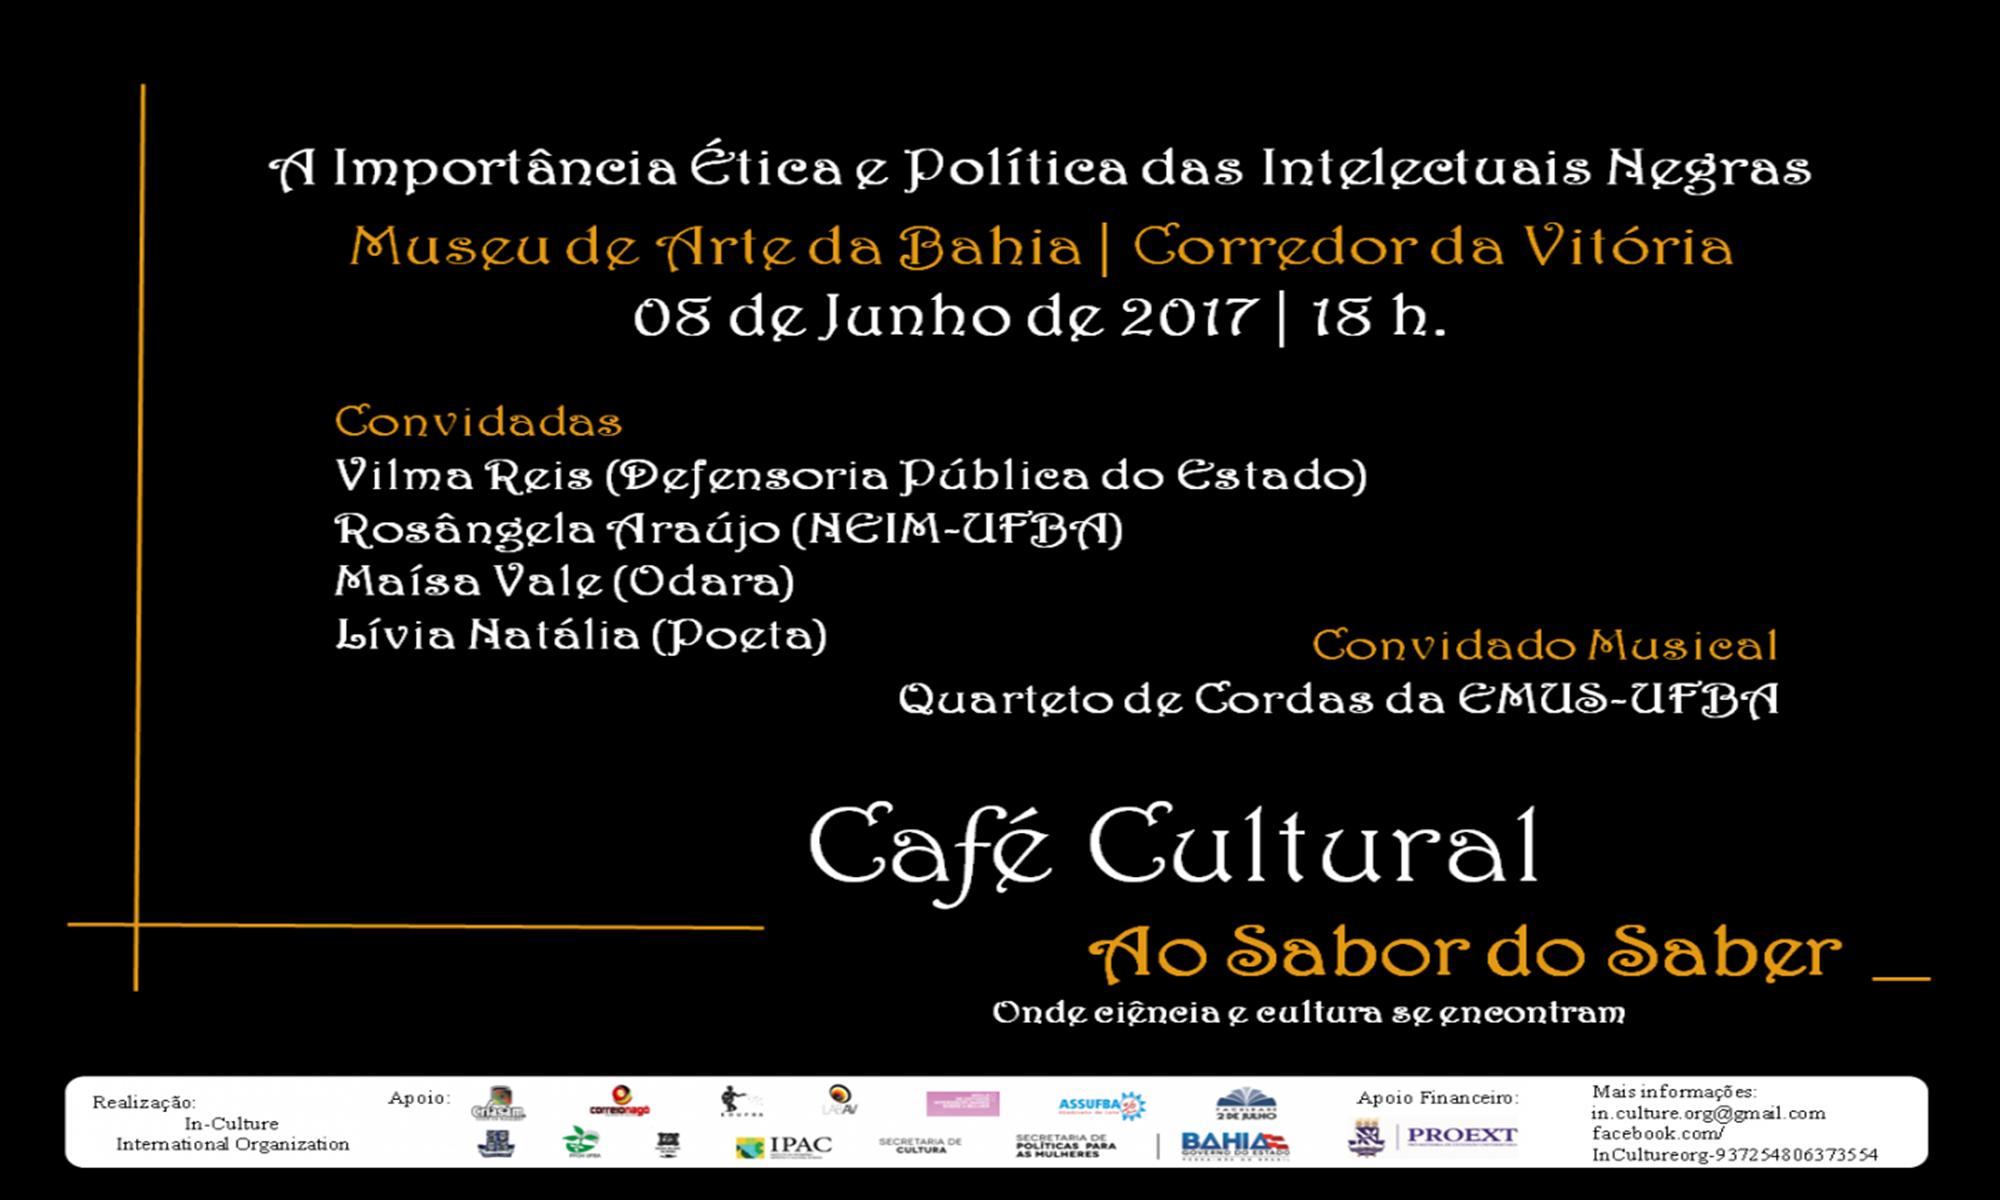 """Com a participação  da UFBA, Museu de Arte da Bahia promove o evento """"A Importância Ética e Política das Intelectuais Negras"""""""